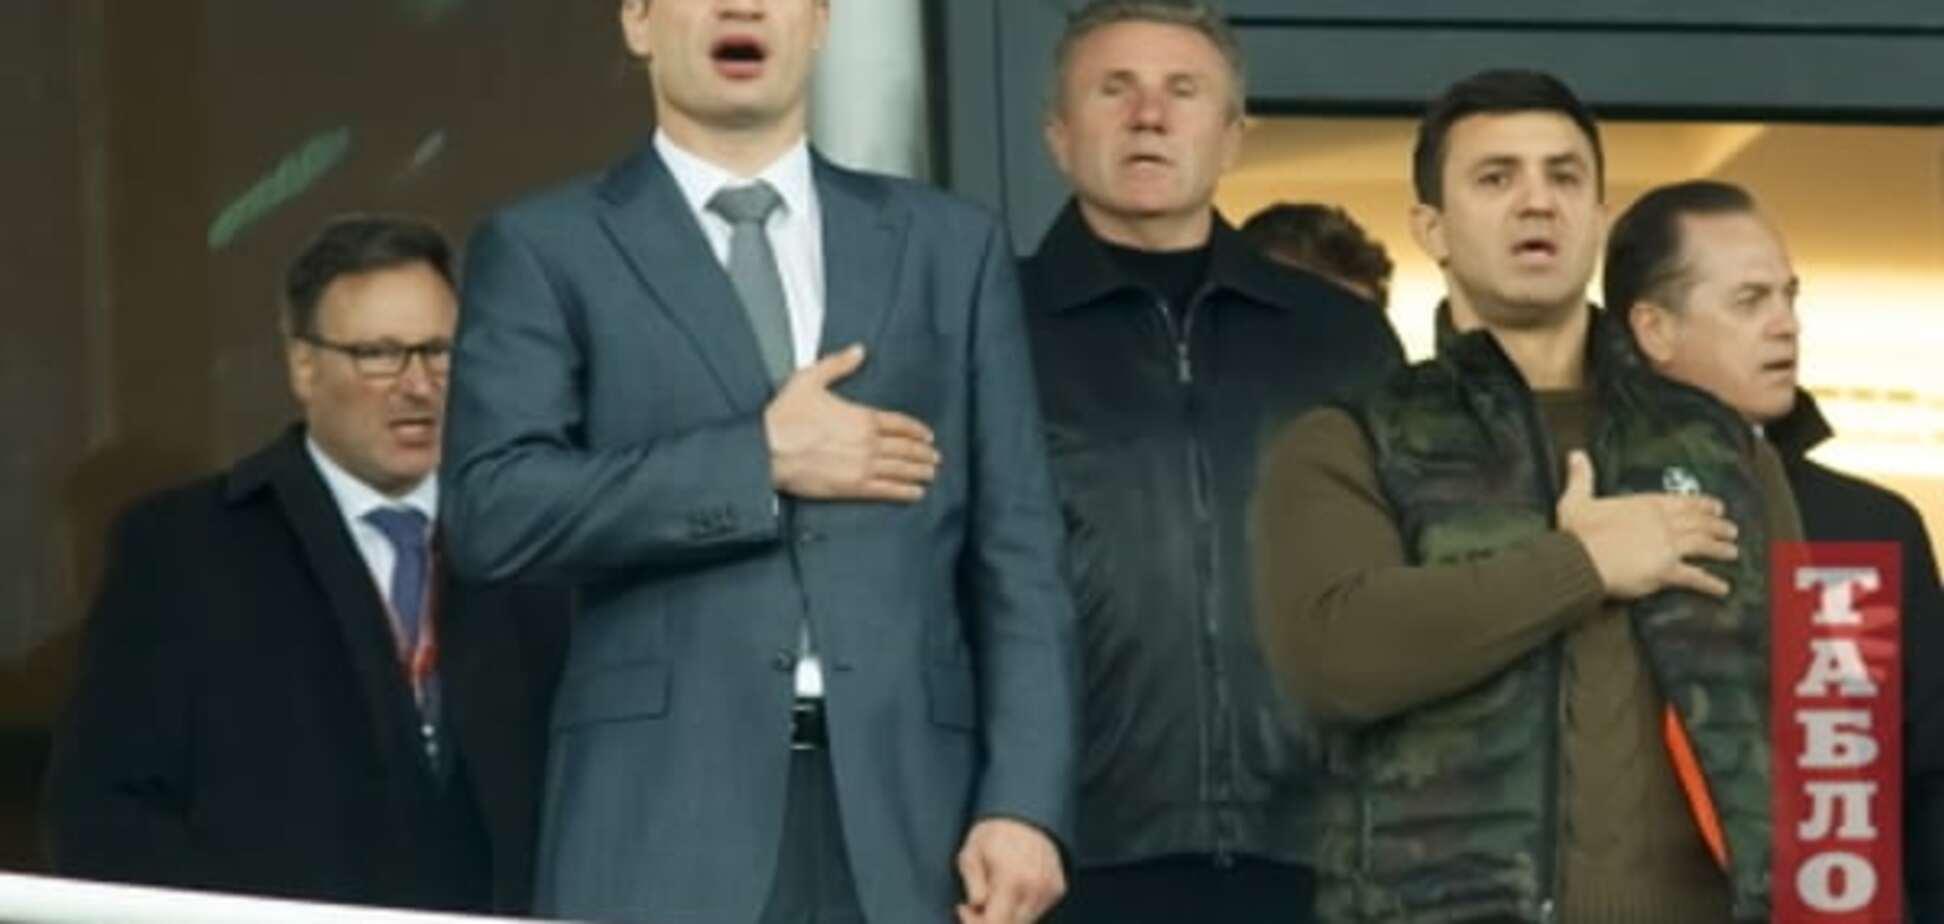 Кличко, Бубка і Кравчук: фото VIP-гостей на матчі Україна - Іспанія